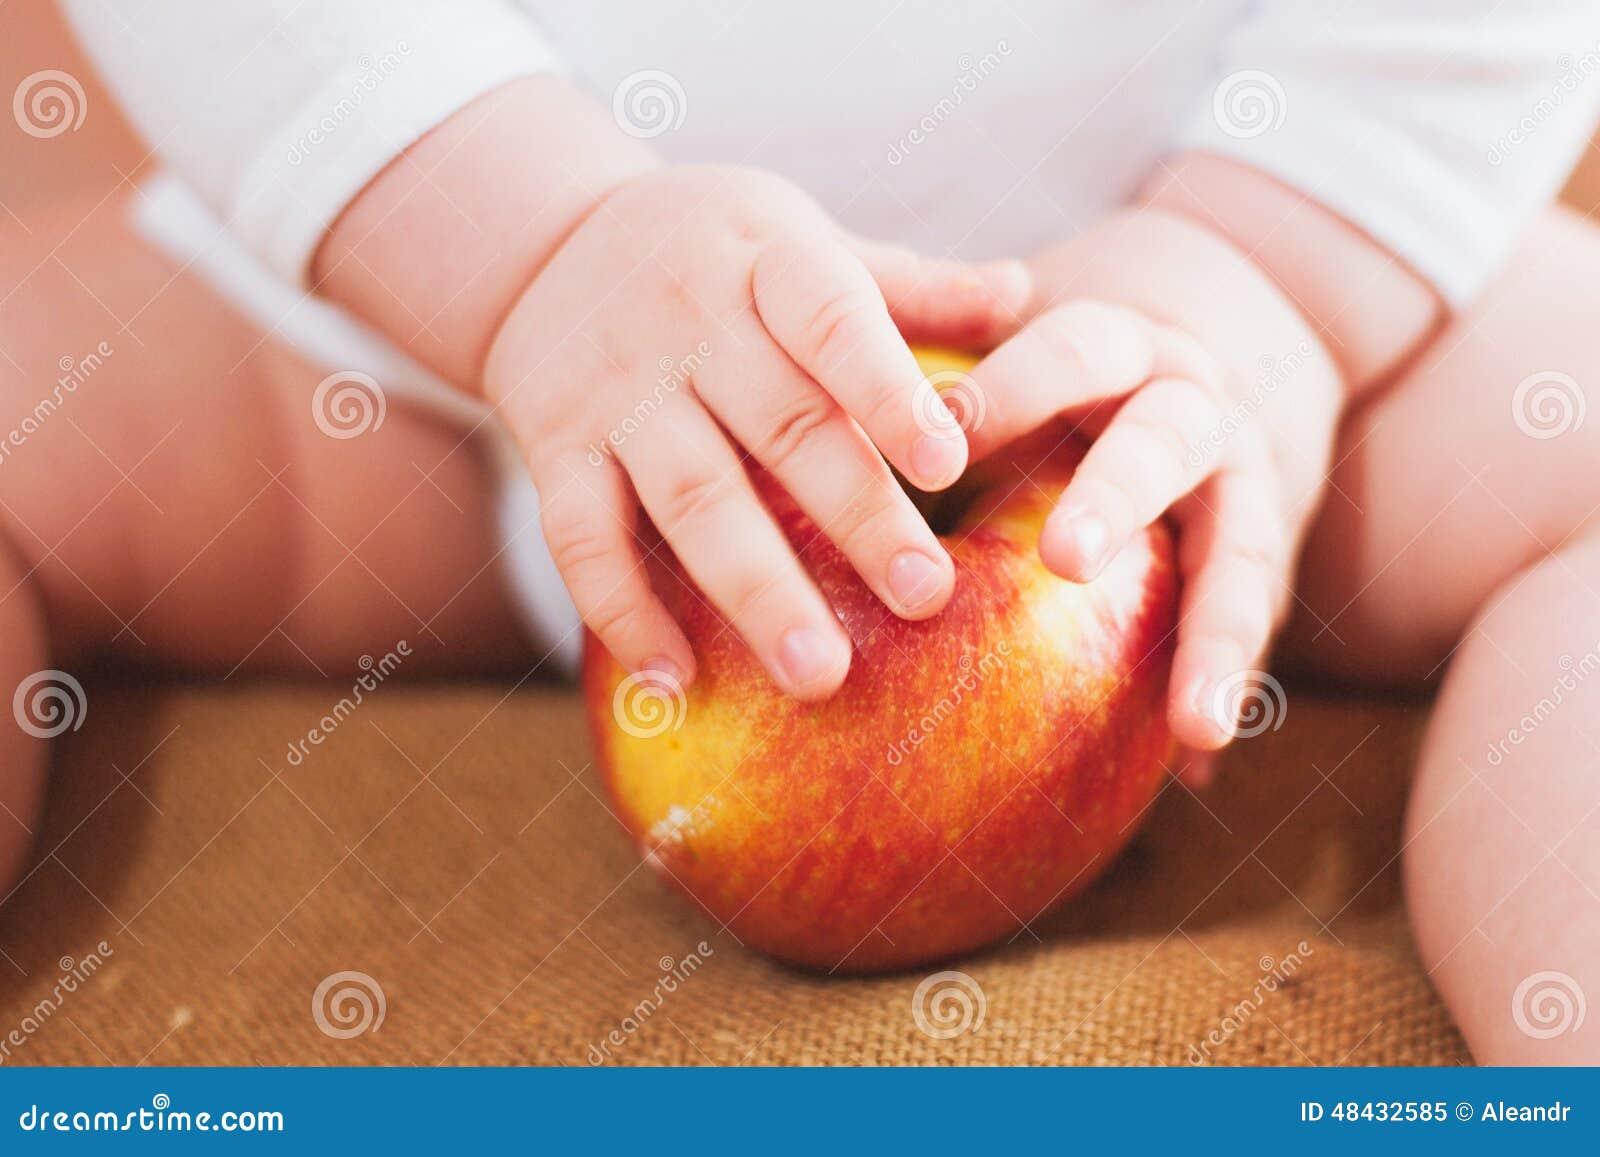 Маленький младенец держит красное яблоко